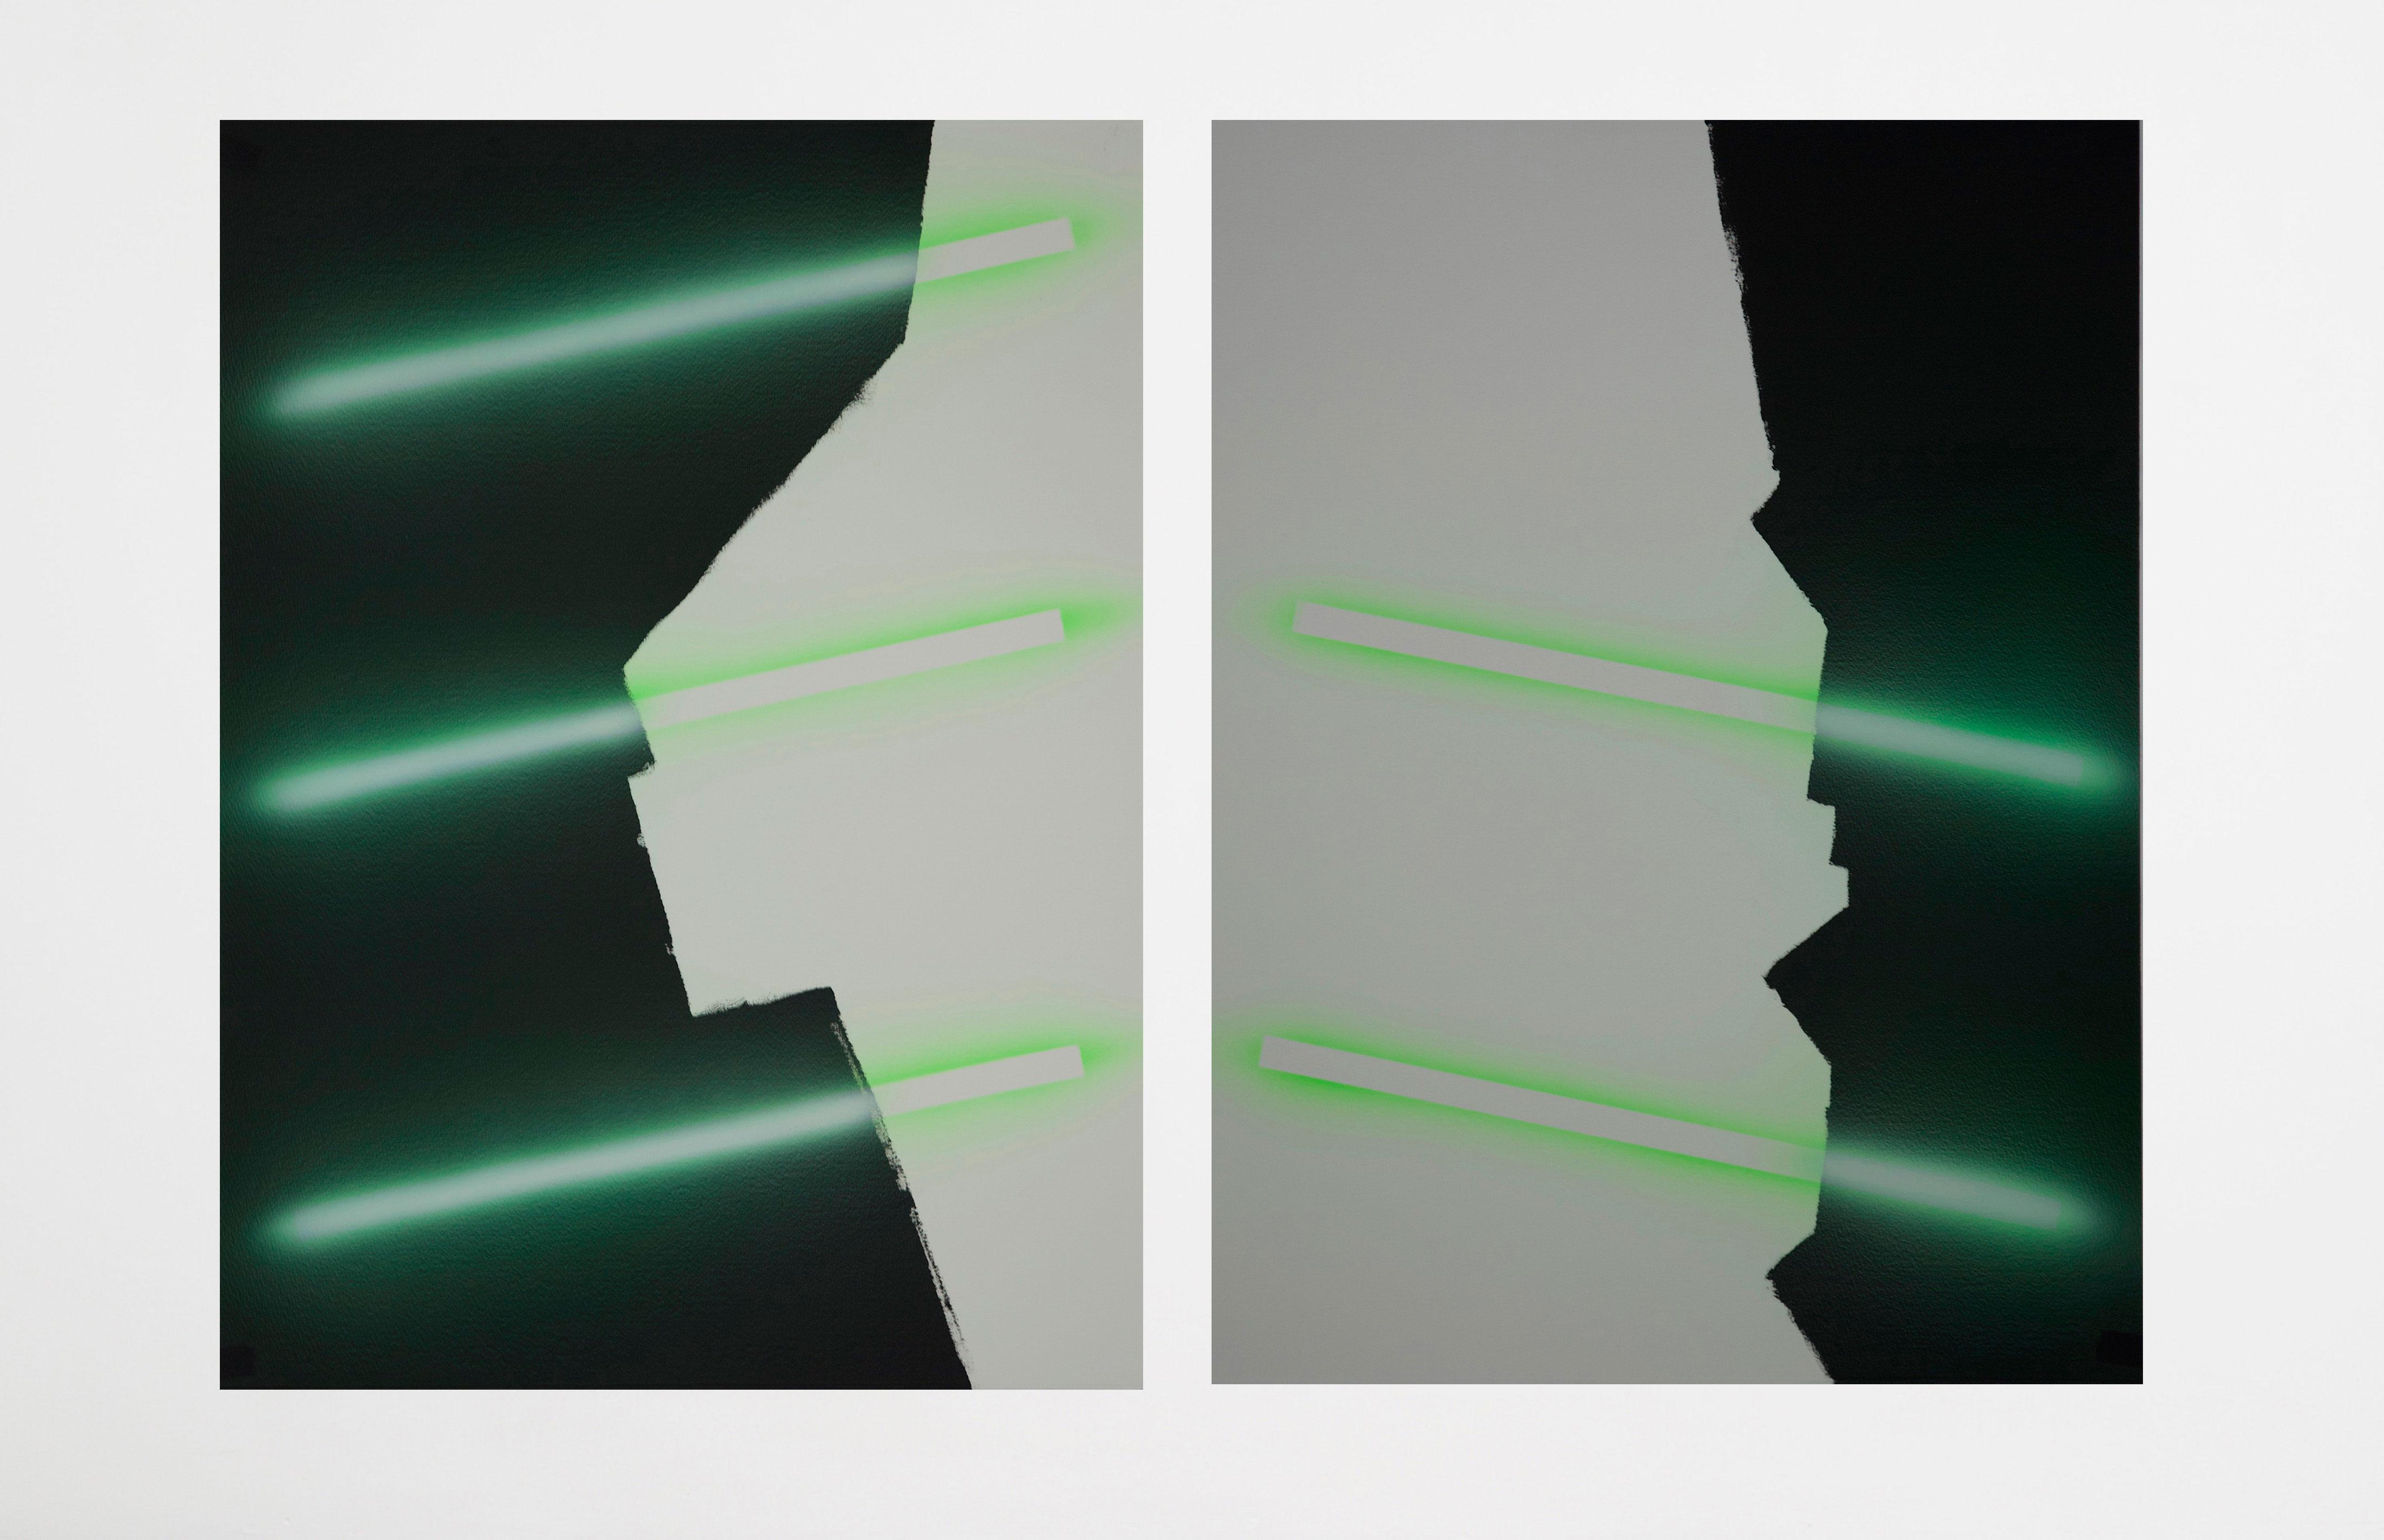 Put back, surface non déterminée, acrylique sur papier, 55,5 x 77 cm (x2), 2018, Nicolas Delprat